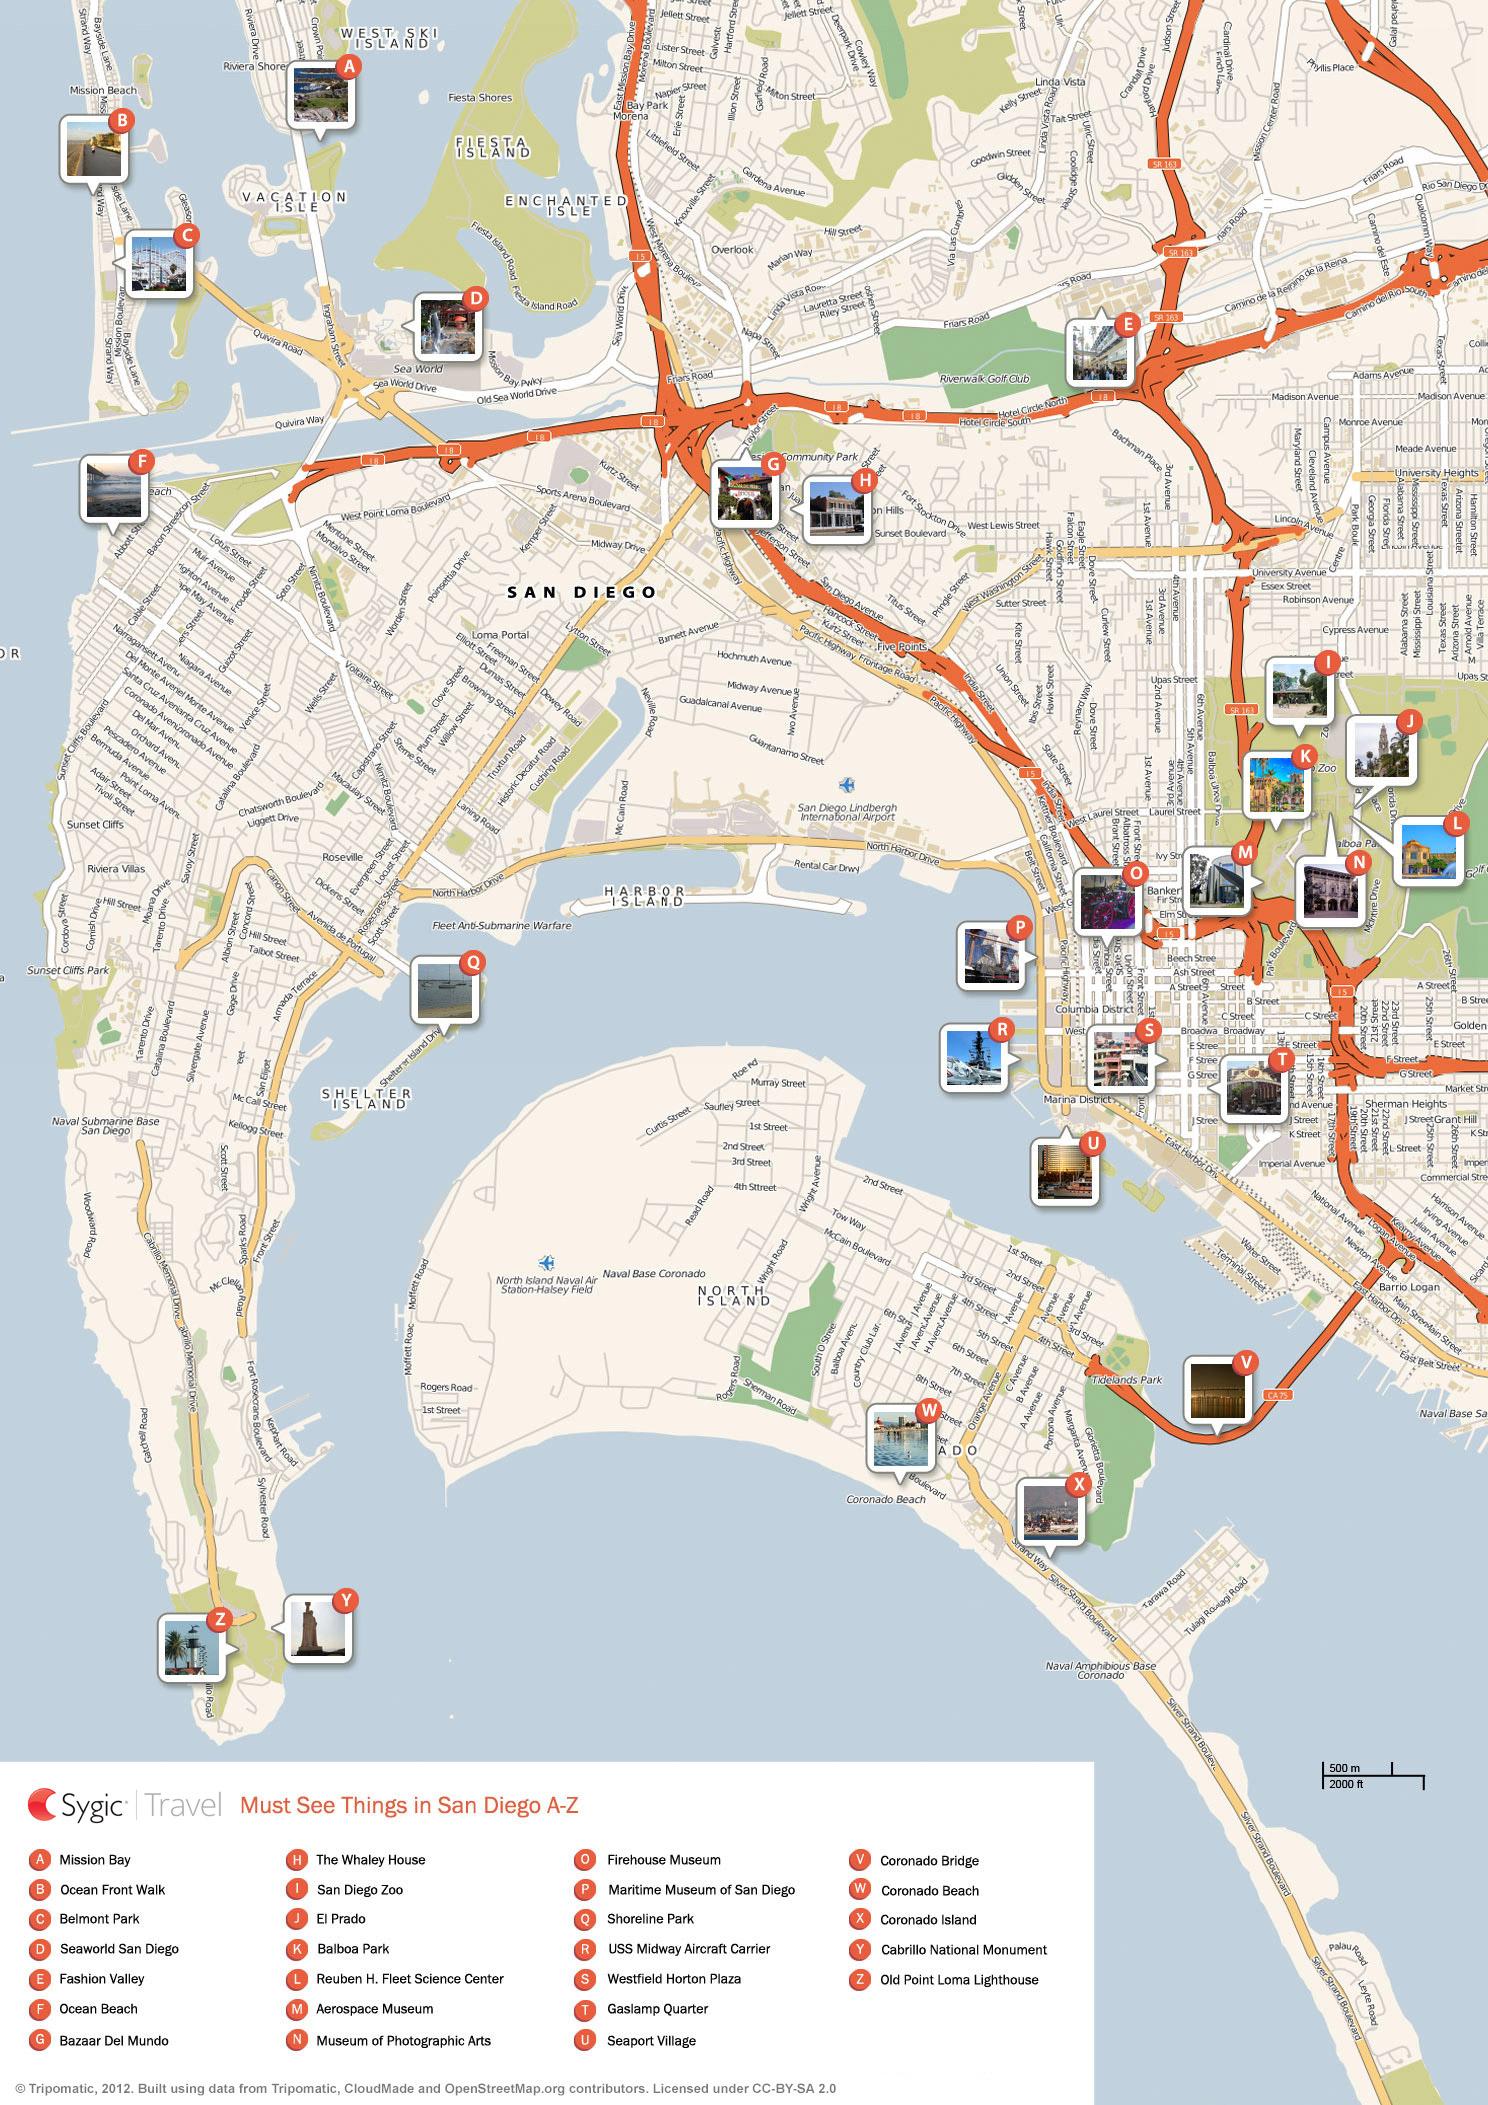 San Diego Printable Tourist Map | Sygic Travel - Printable Map Of Downtown San Diego